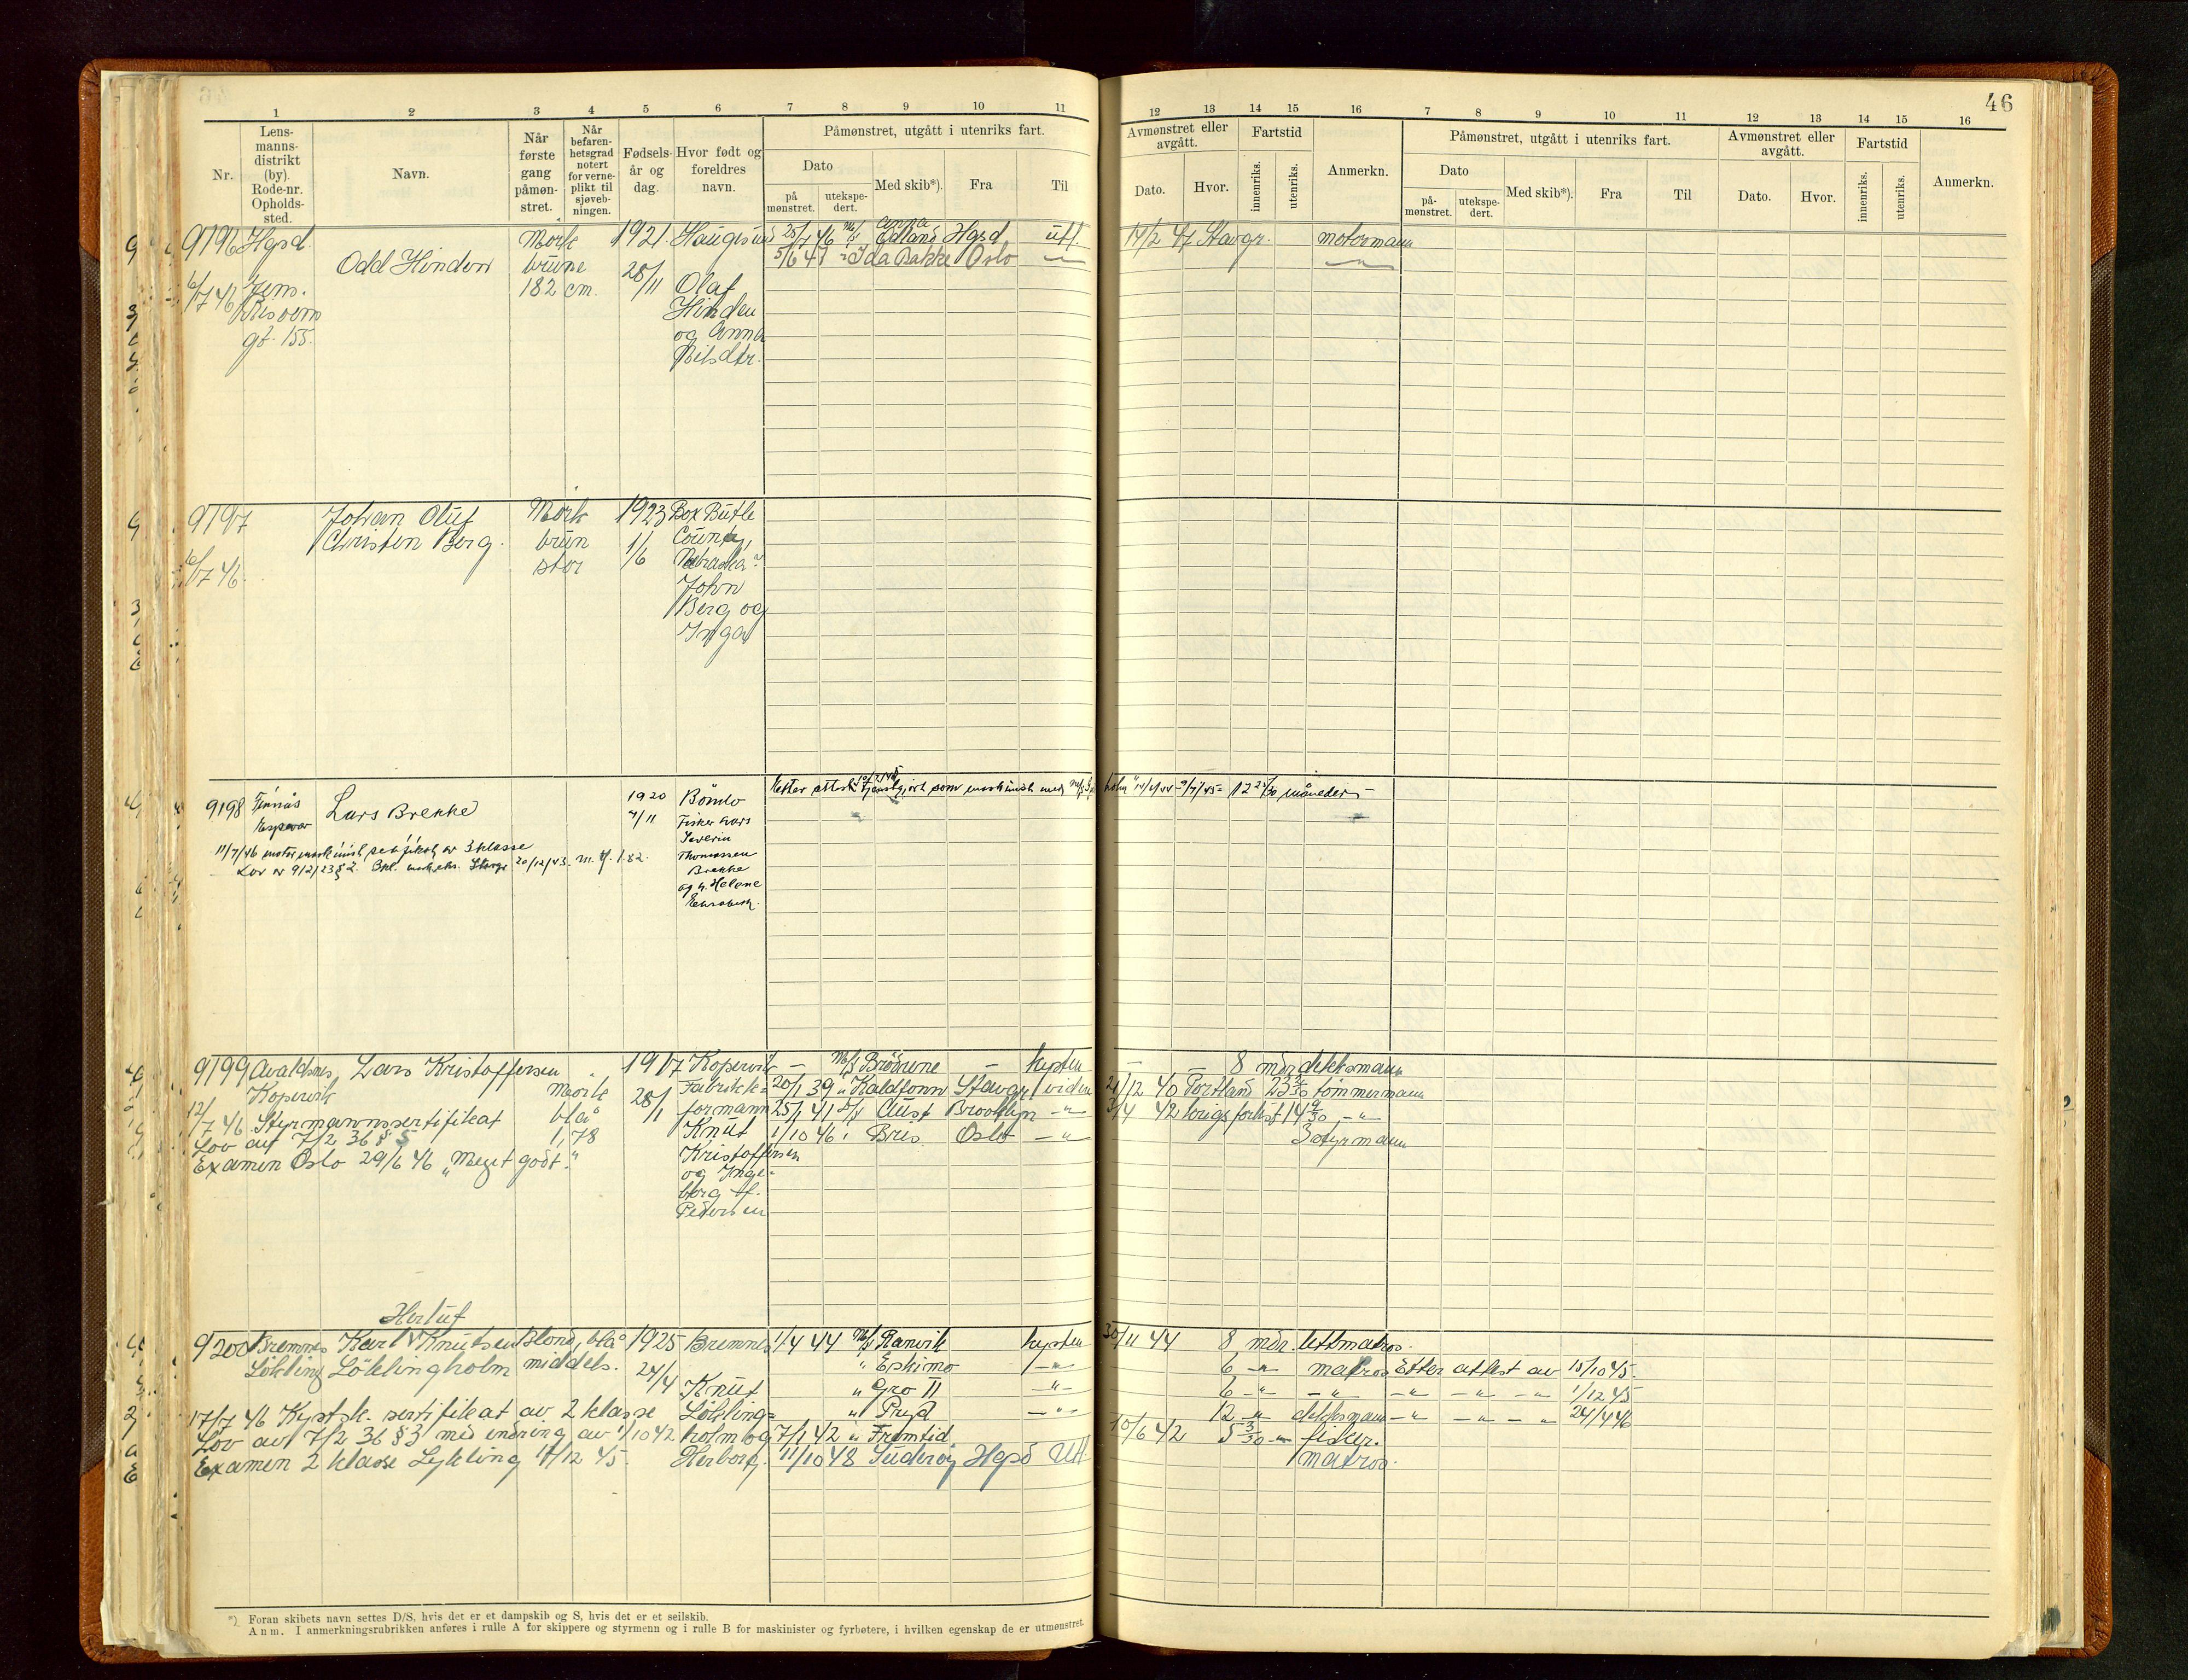 SAST, Haugesund sjømannskontor, F/Fb/Fbb/L0012: Sjøfartsrulle A Haugesund krets 2 nr. 8971-9629, 1868-1948, s. 46